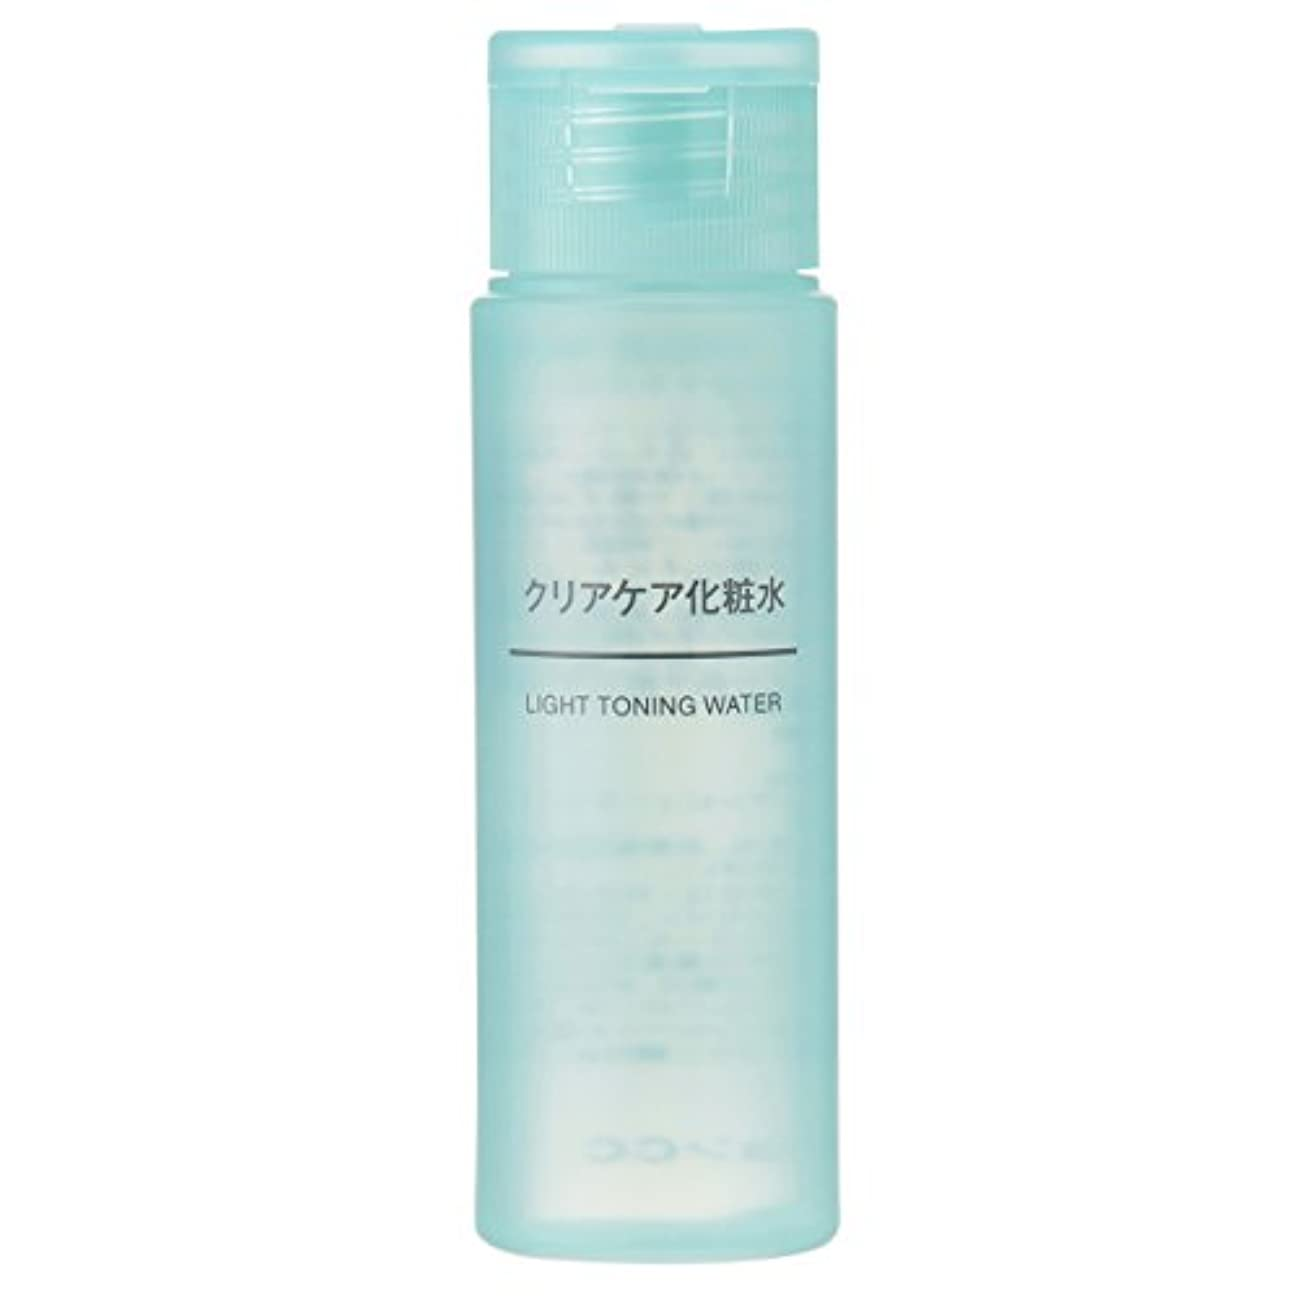 感性服を洗うダウン無印良品 クリアケア化粧水(携帯用) 50ml